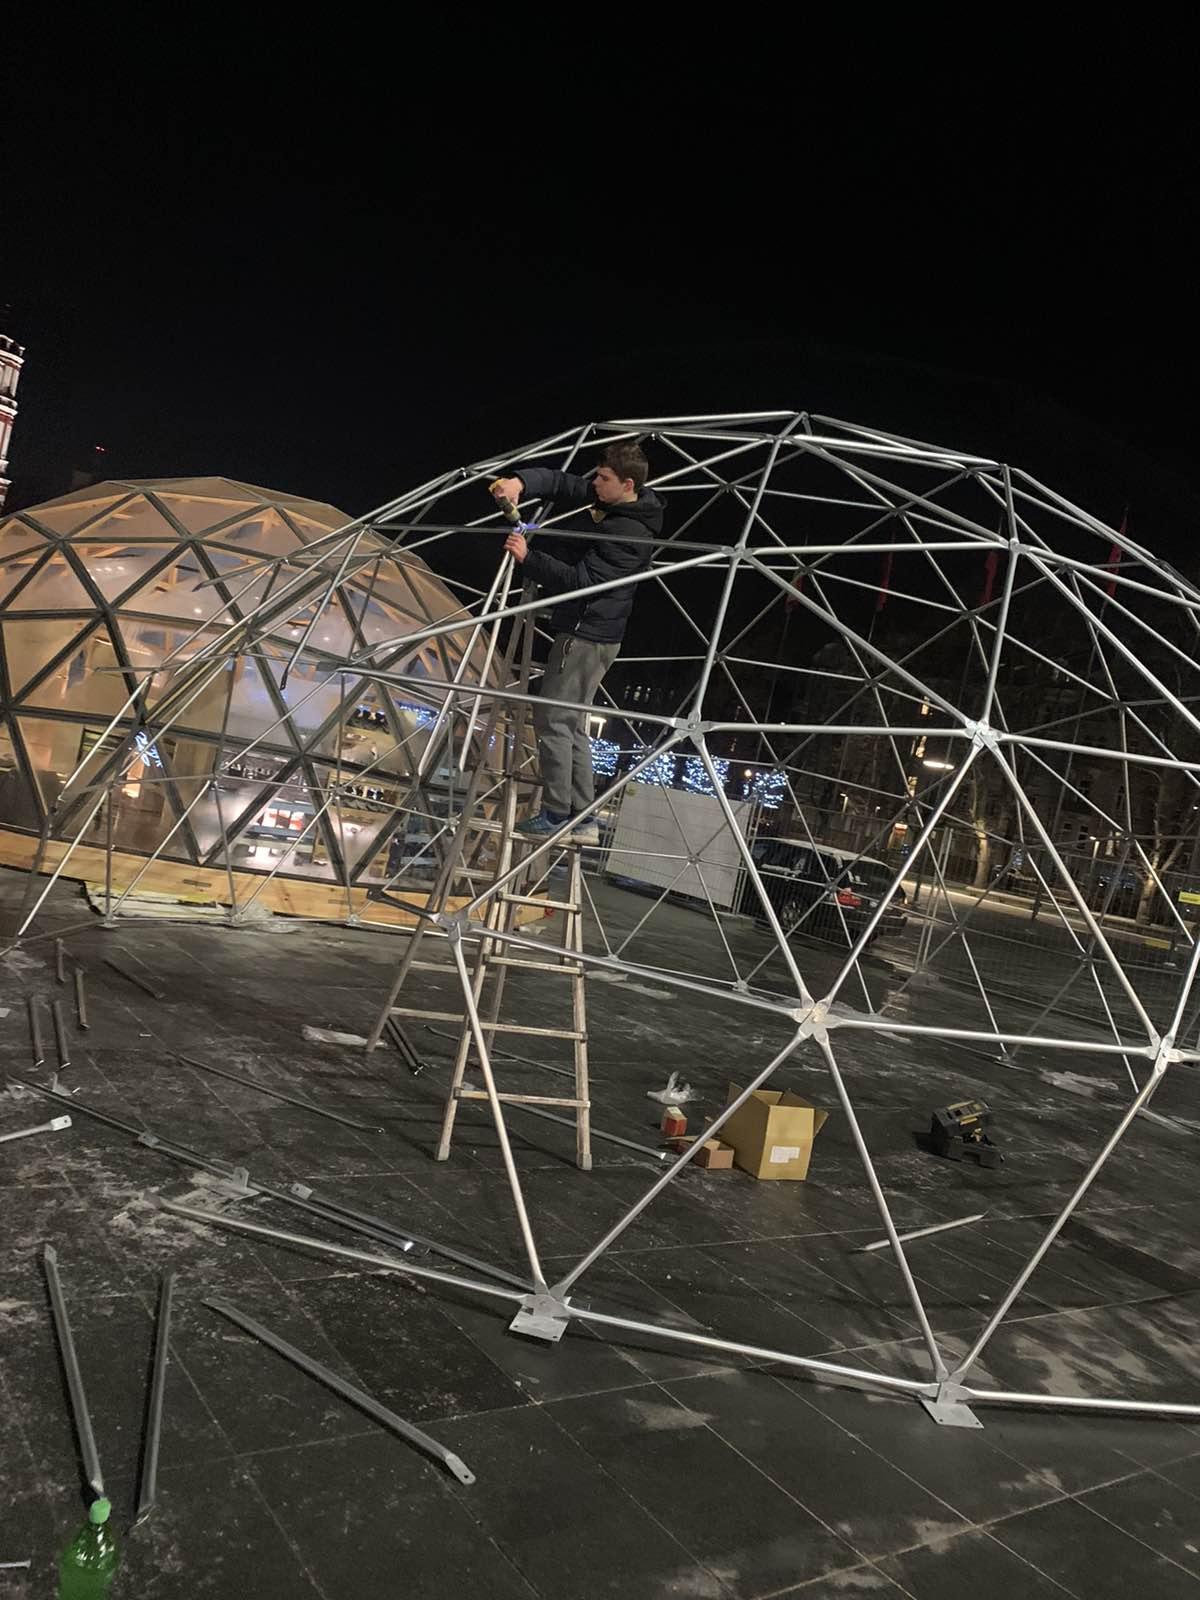 Ø8m Dome @ Christmas ice rink in Lukiškės Square, VIlnius